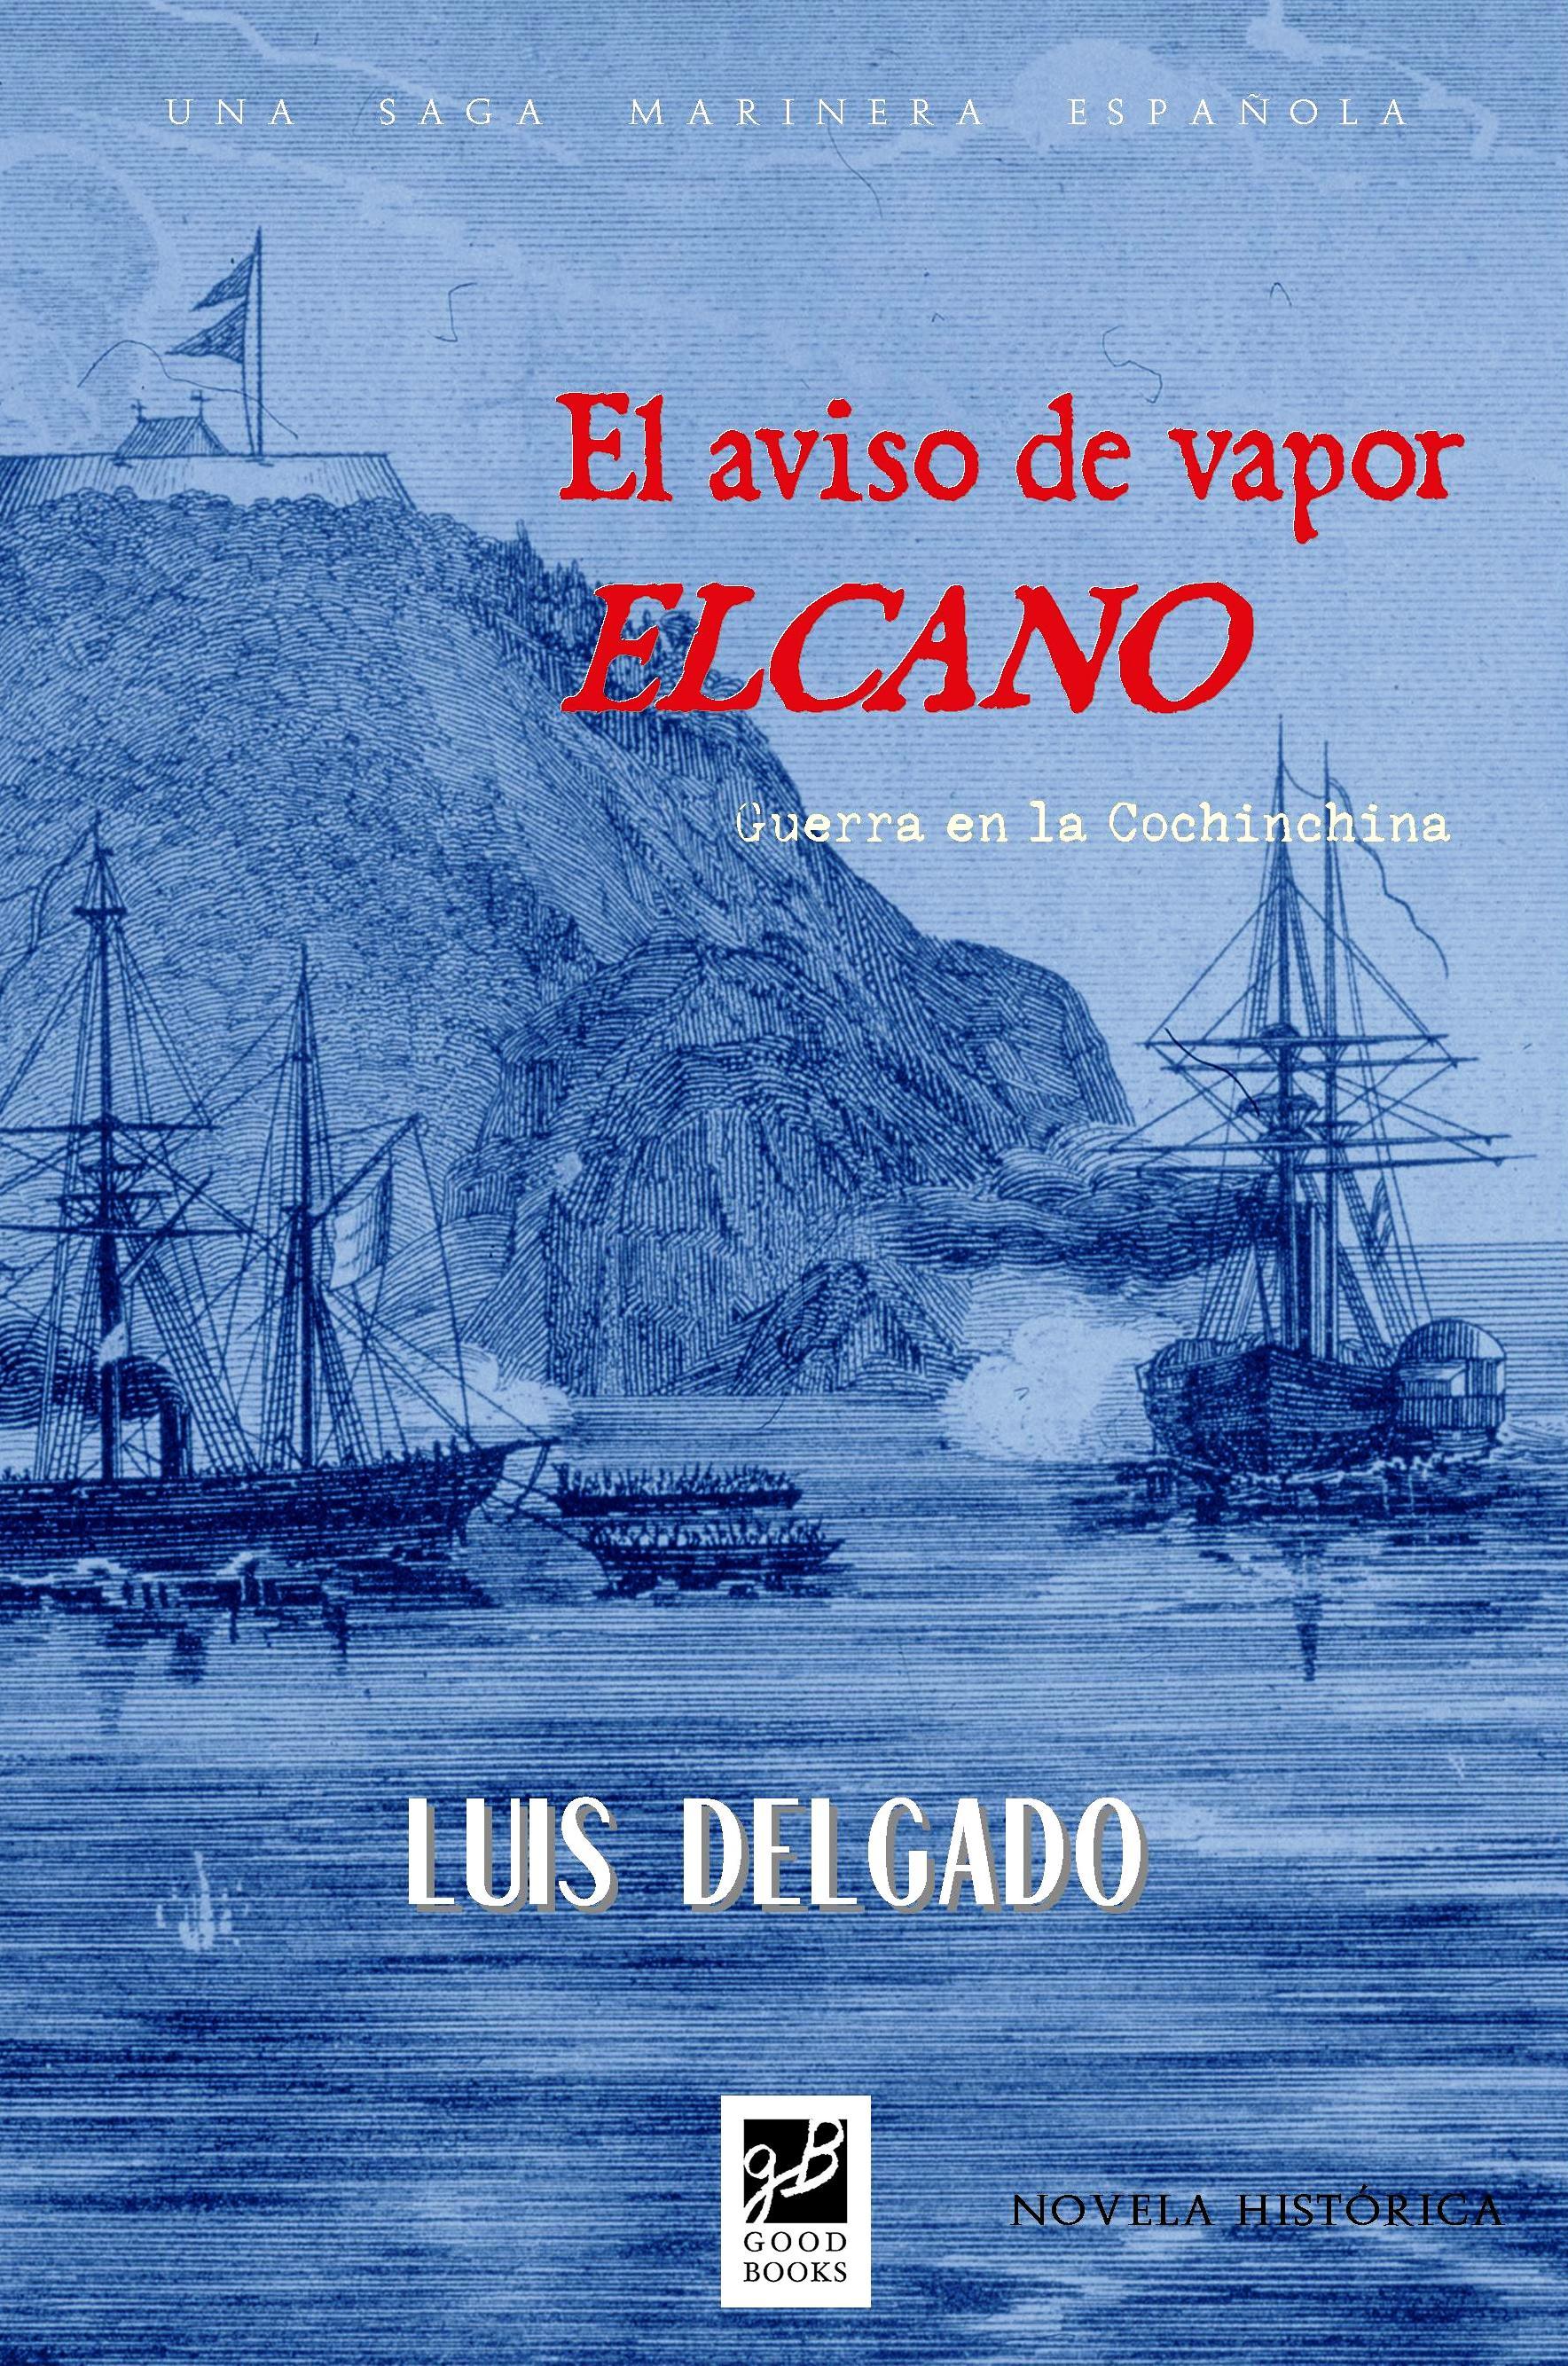 El aviso de vapor Elcano